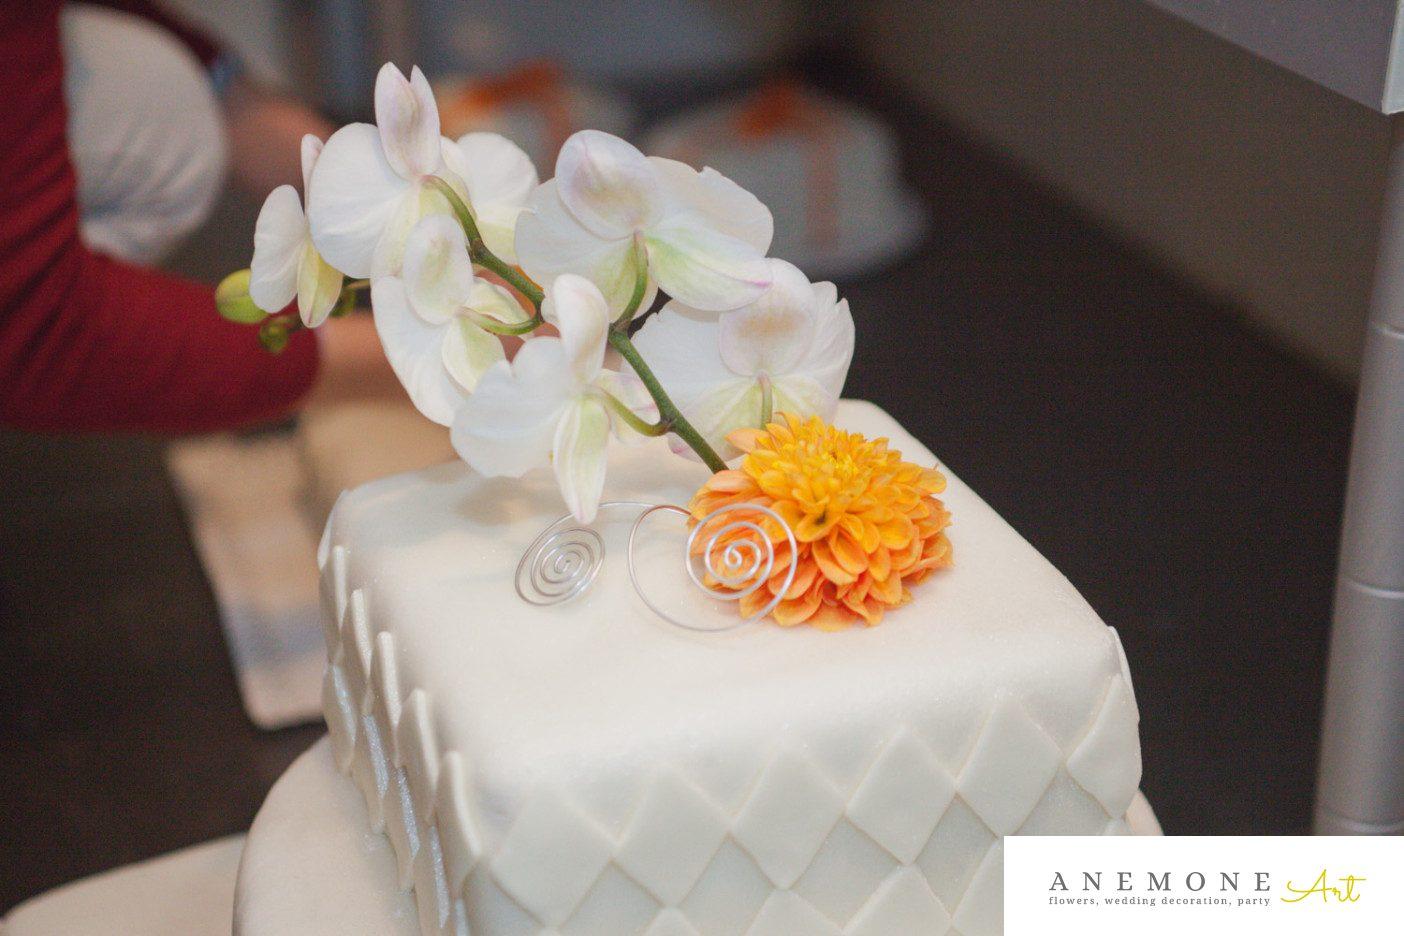 Poza, foto cu Flori de nunta dalia, decor tort, orhidee, portocaliu in Arad, Timisoara, Oradea (wedding flowers, bouquets) nunta Arad, Timisoara, Oradea